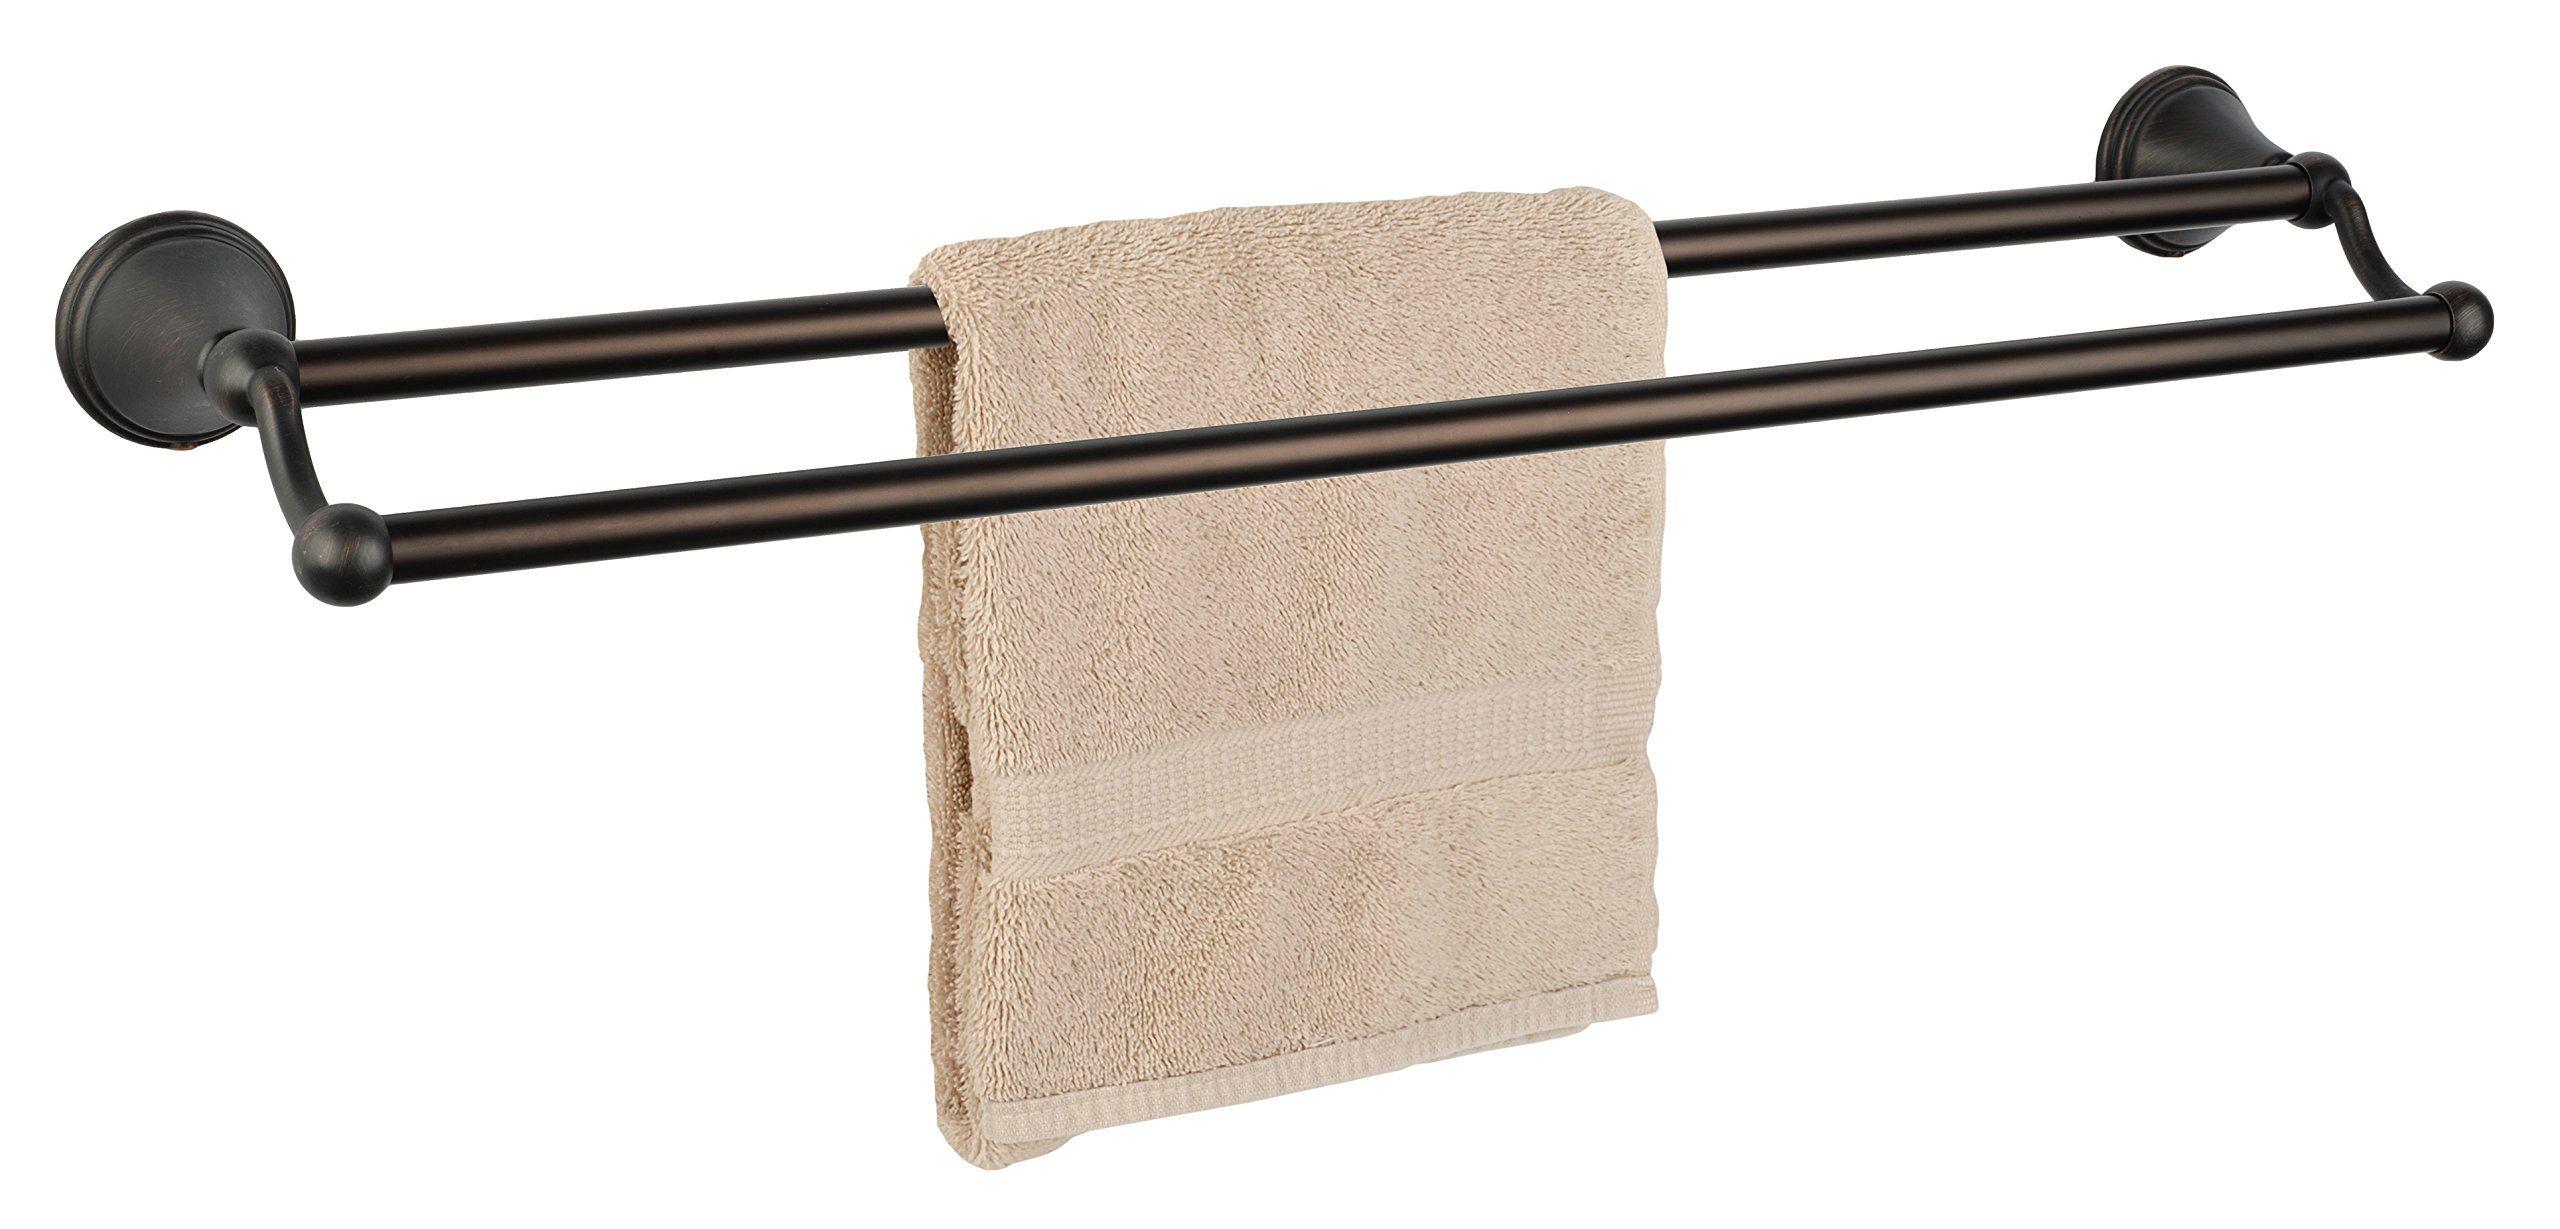 Best Of Swivel towel Bar Oil Rubbed Bronze